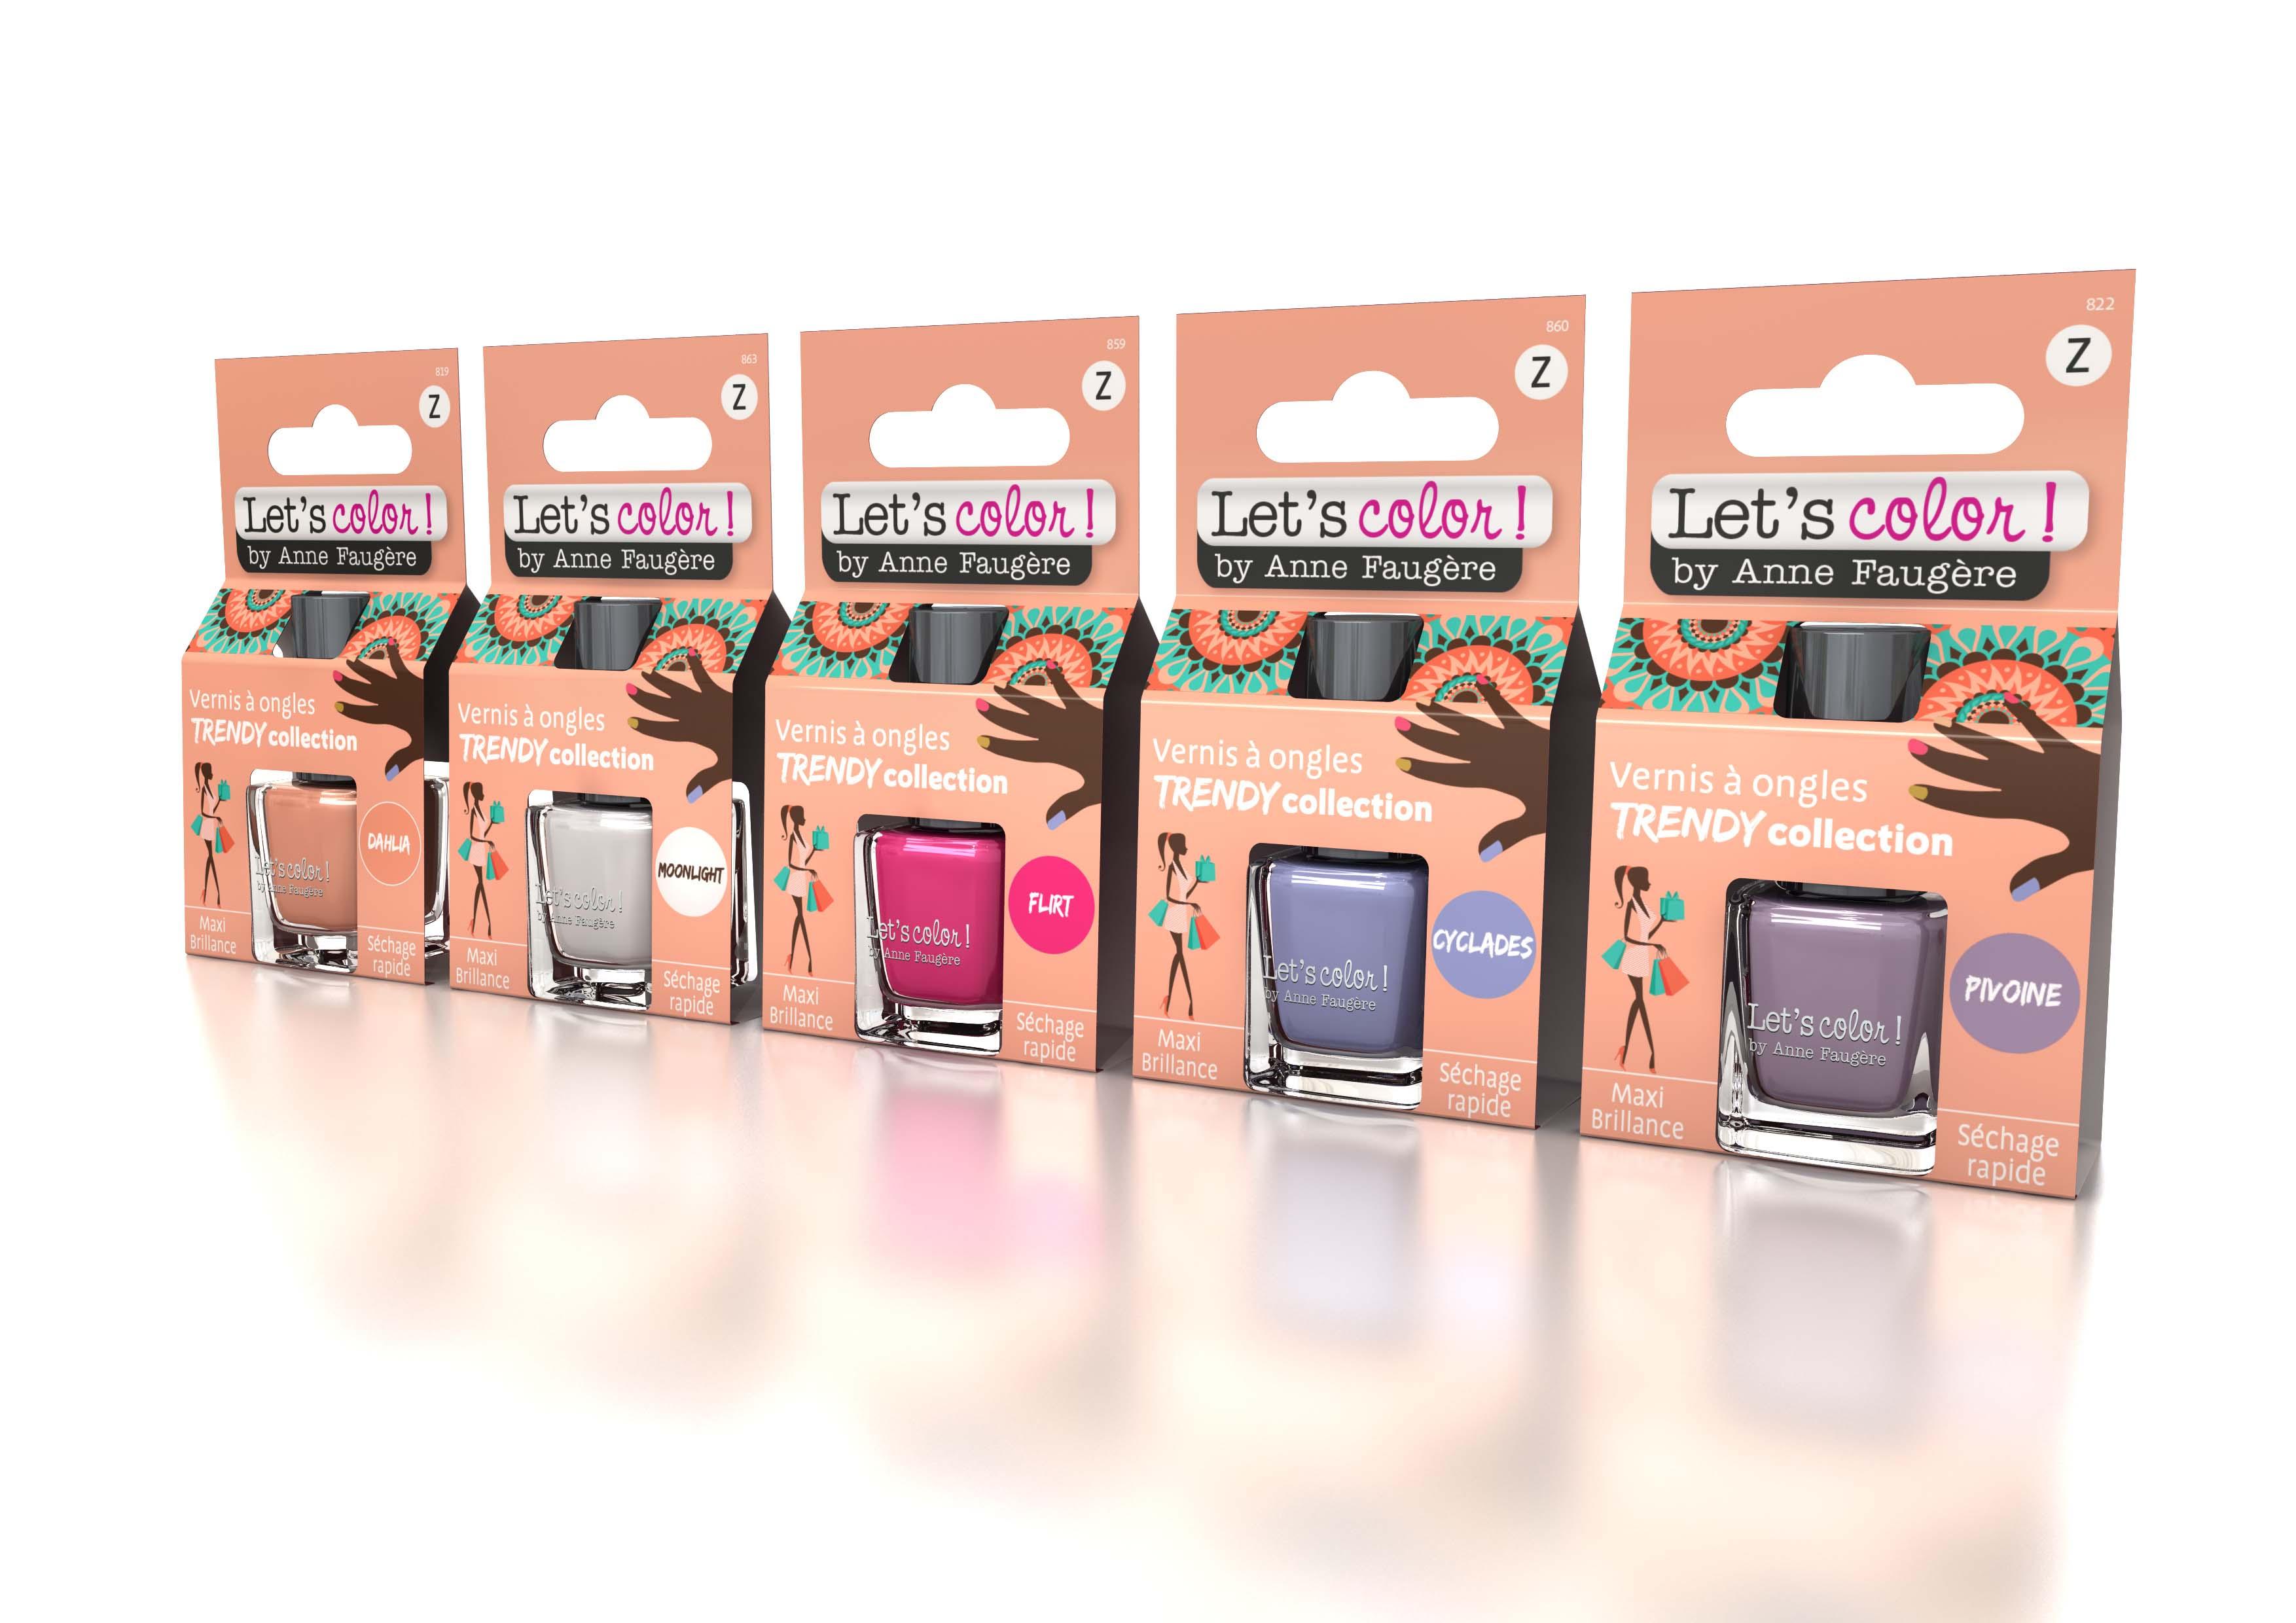 Gamme Dahlia Lets Color by Anne Faug%C3%A8re - Les vernis à ongles Let's Color by Anne Faugère